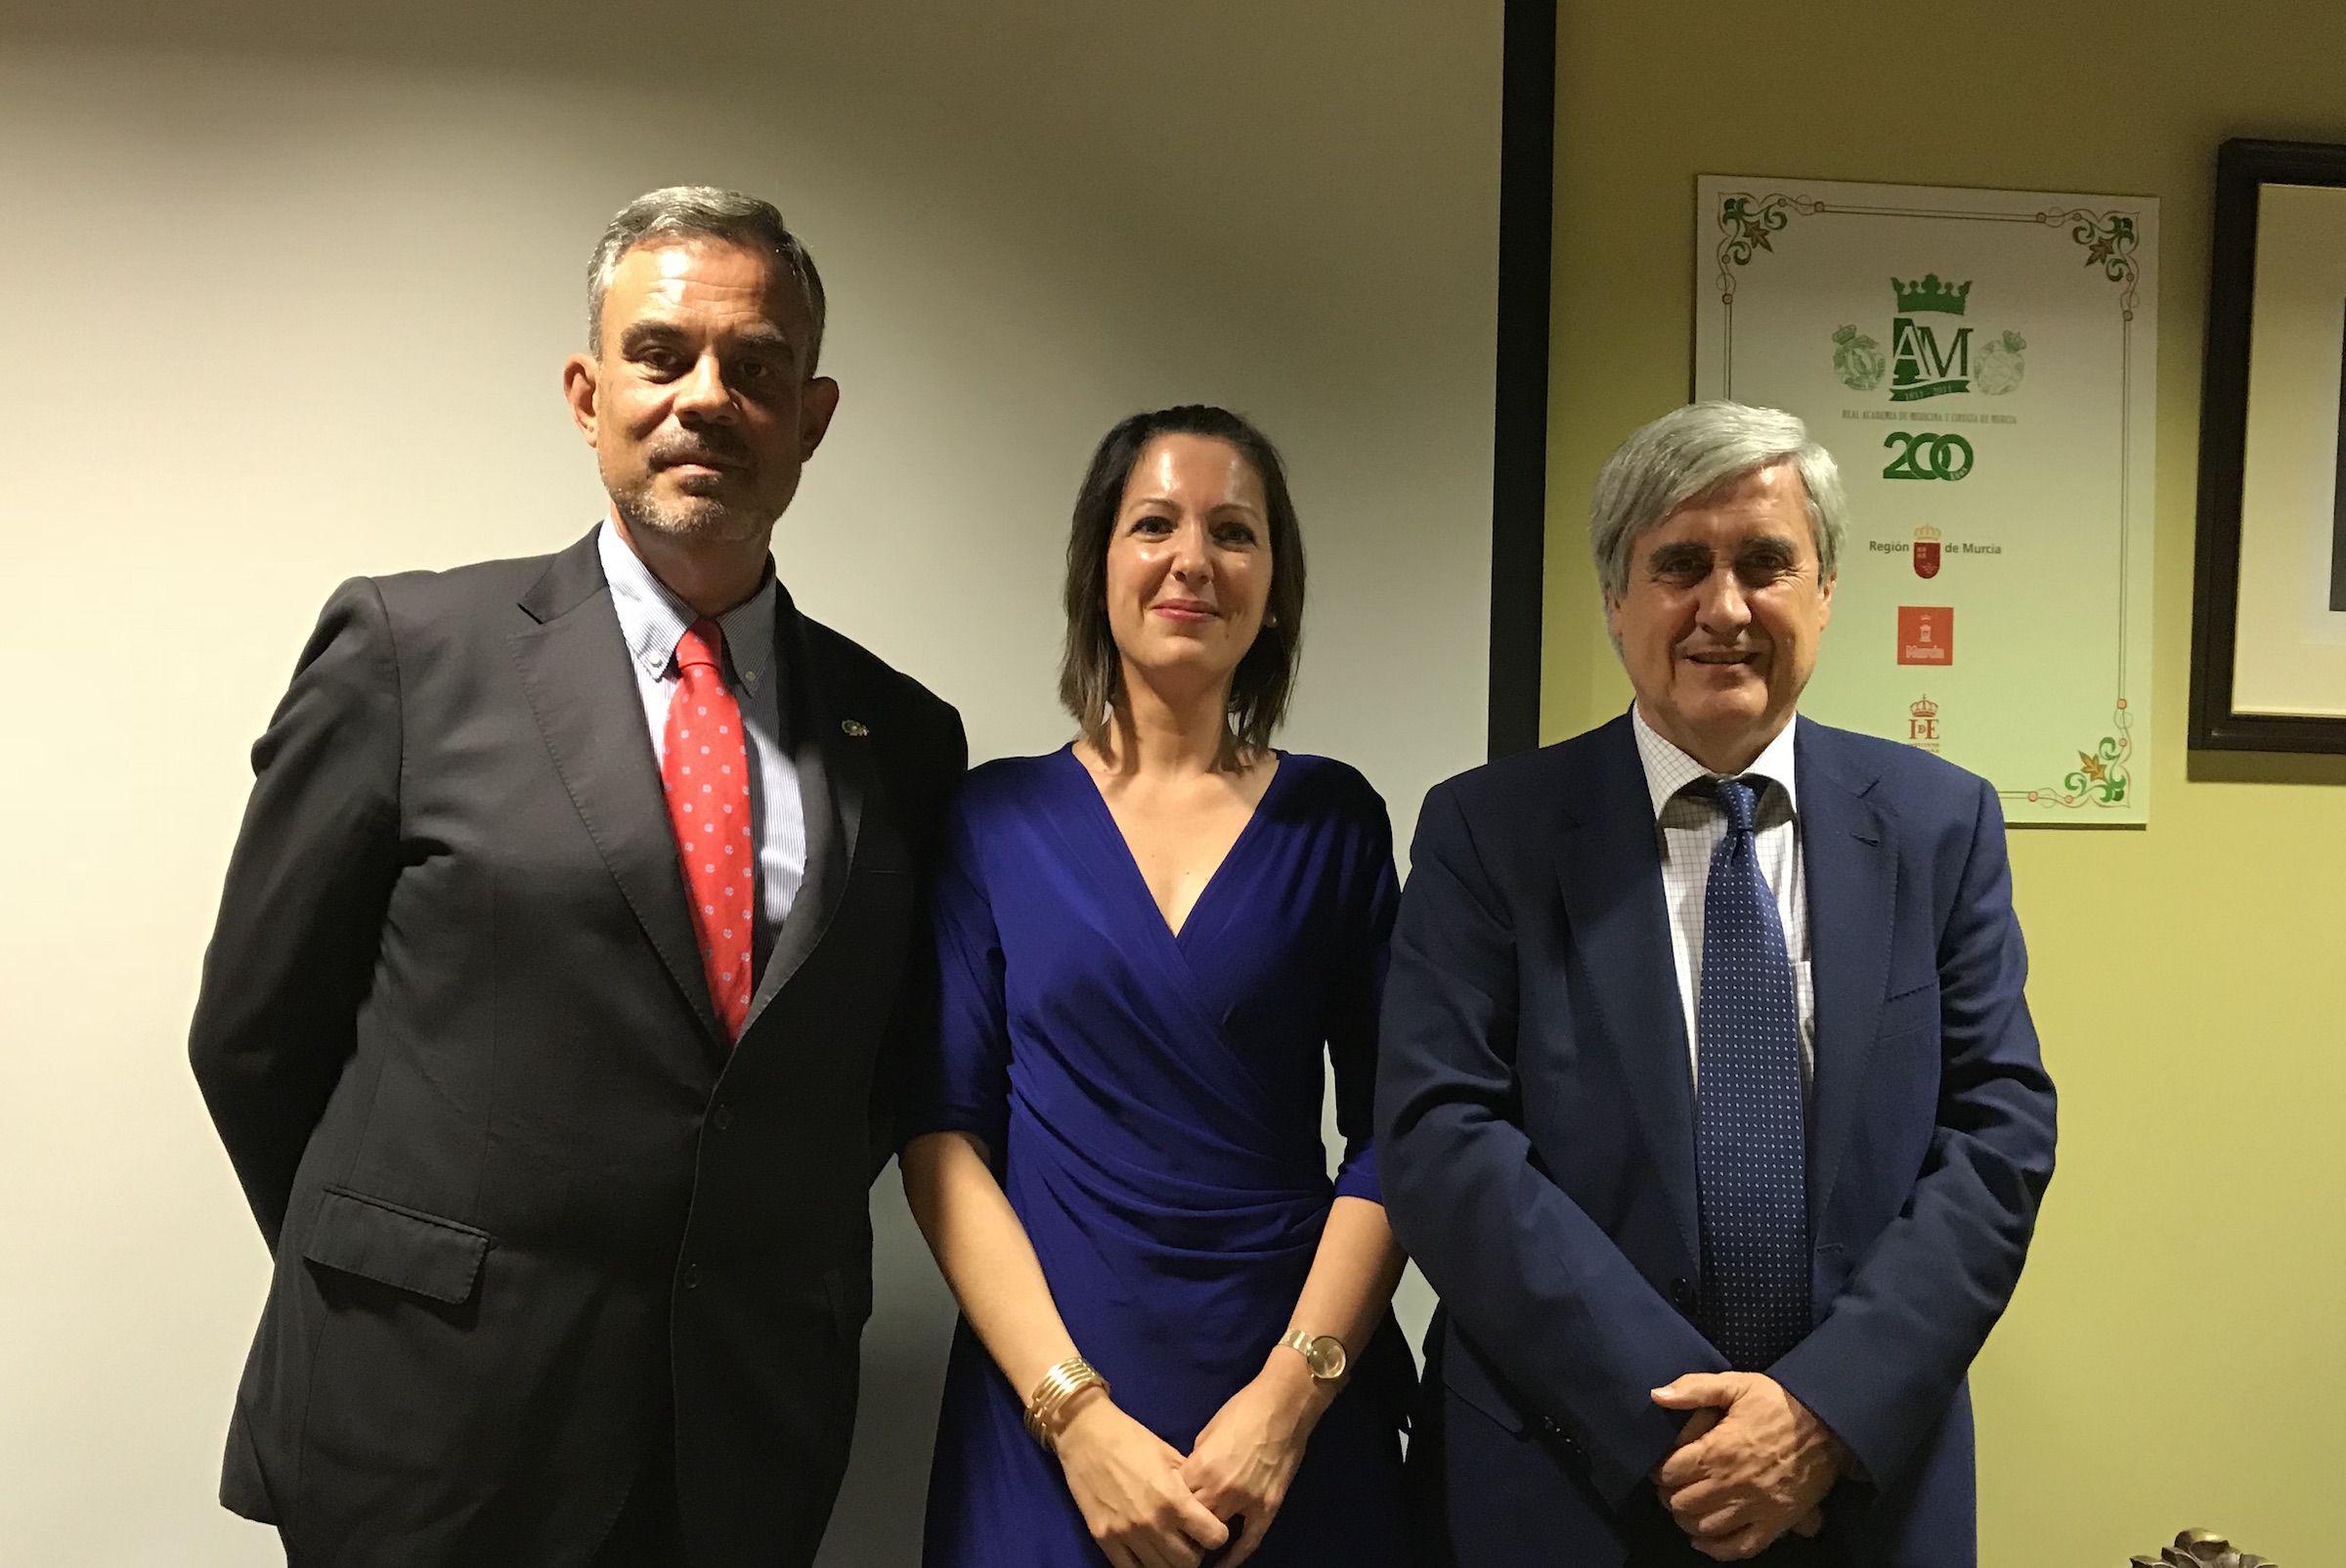 Santiago Vega y Clara Marín, profesores de Veterinaria de la CEU UCH, con Juan José Badiola, presidente del Consejo General de Colegios Veterinarios de España.